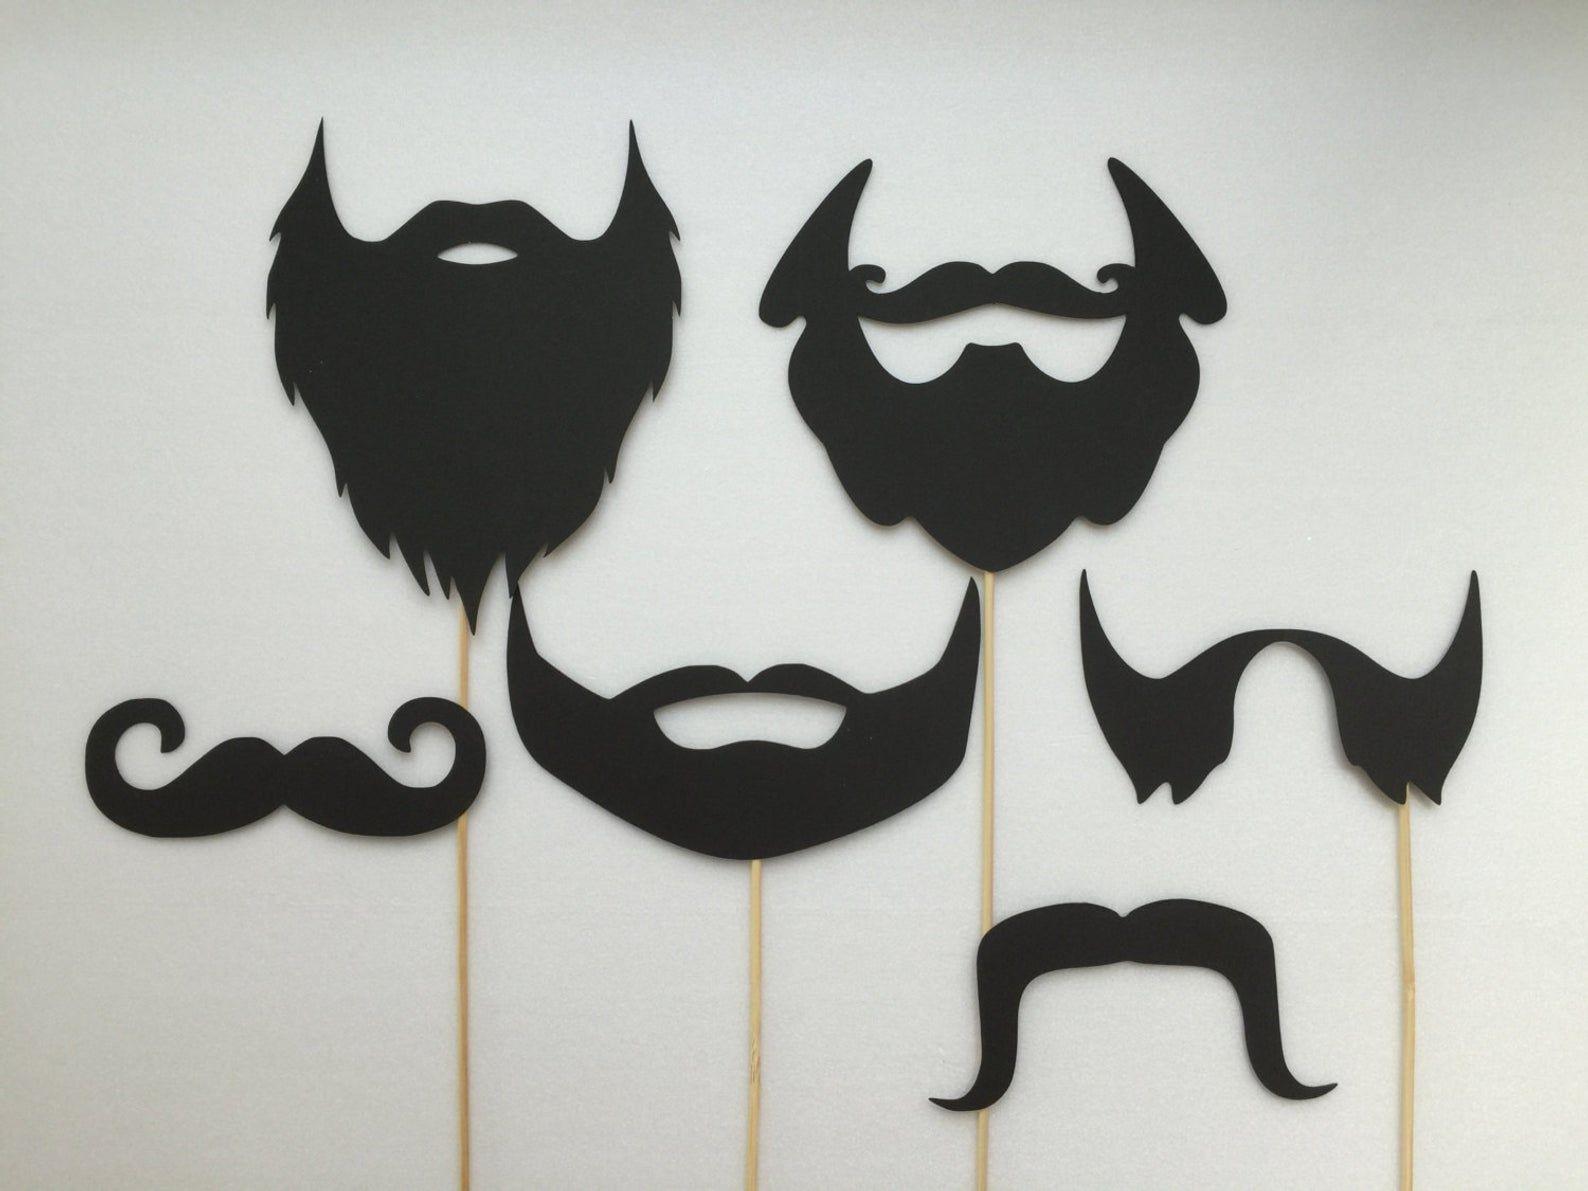 Barbes Et Moustaches Photobooth Accessoires Vacances Photo Booth Accessoires Ensemble De 6 Fotorequisiten Photobooth Ideen Fotobooth Hochzeit